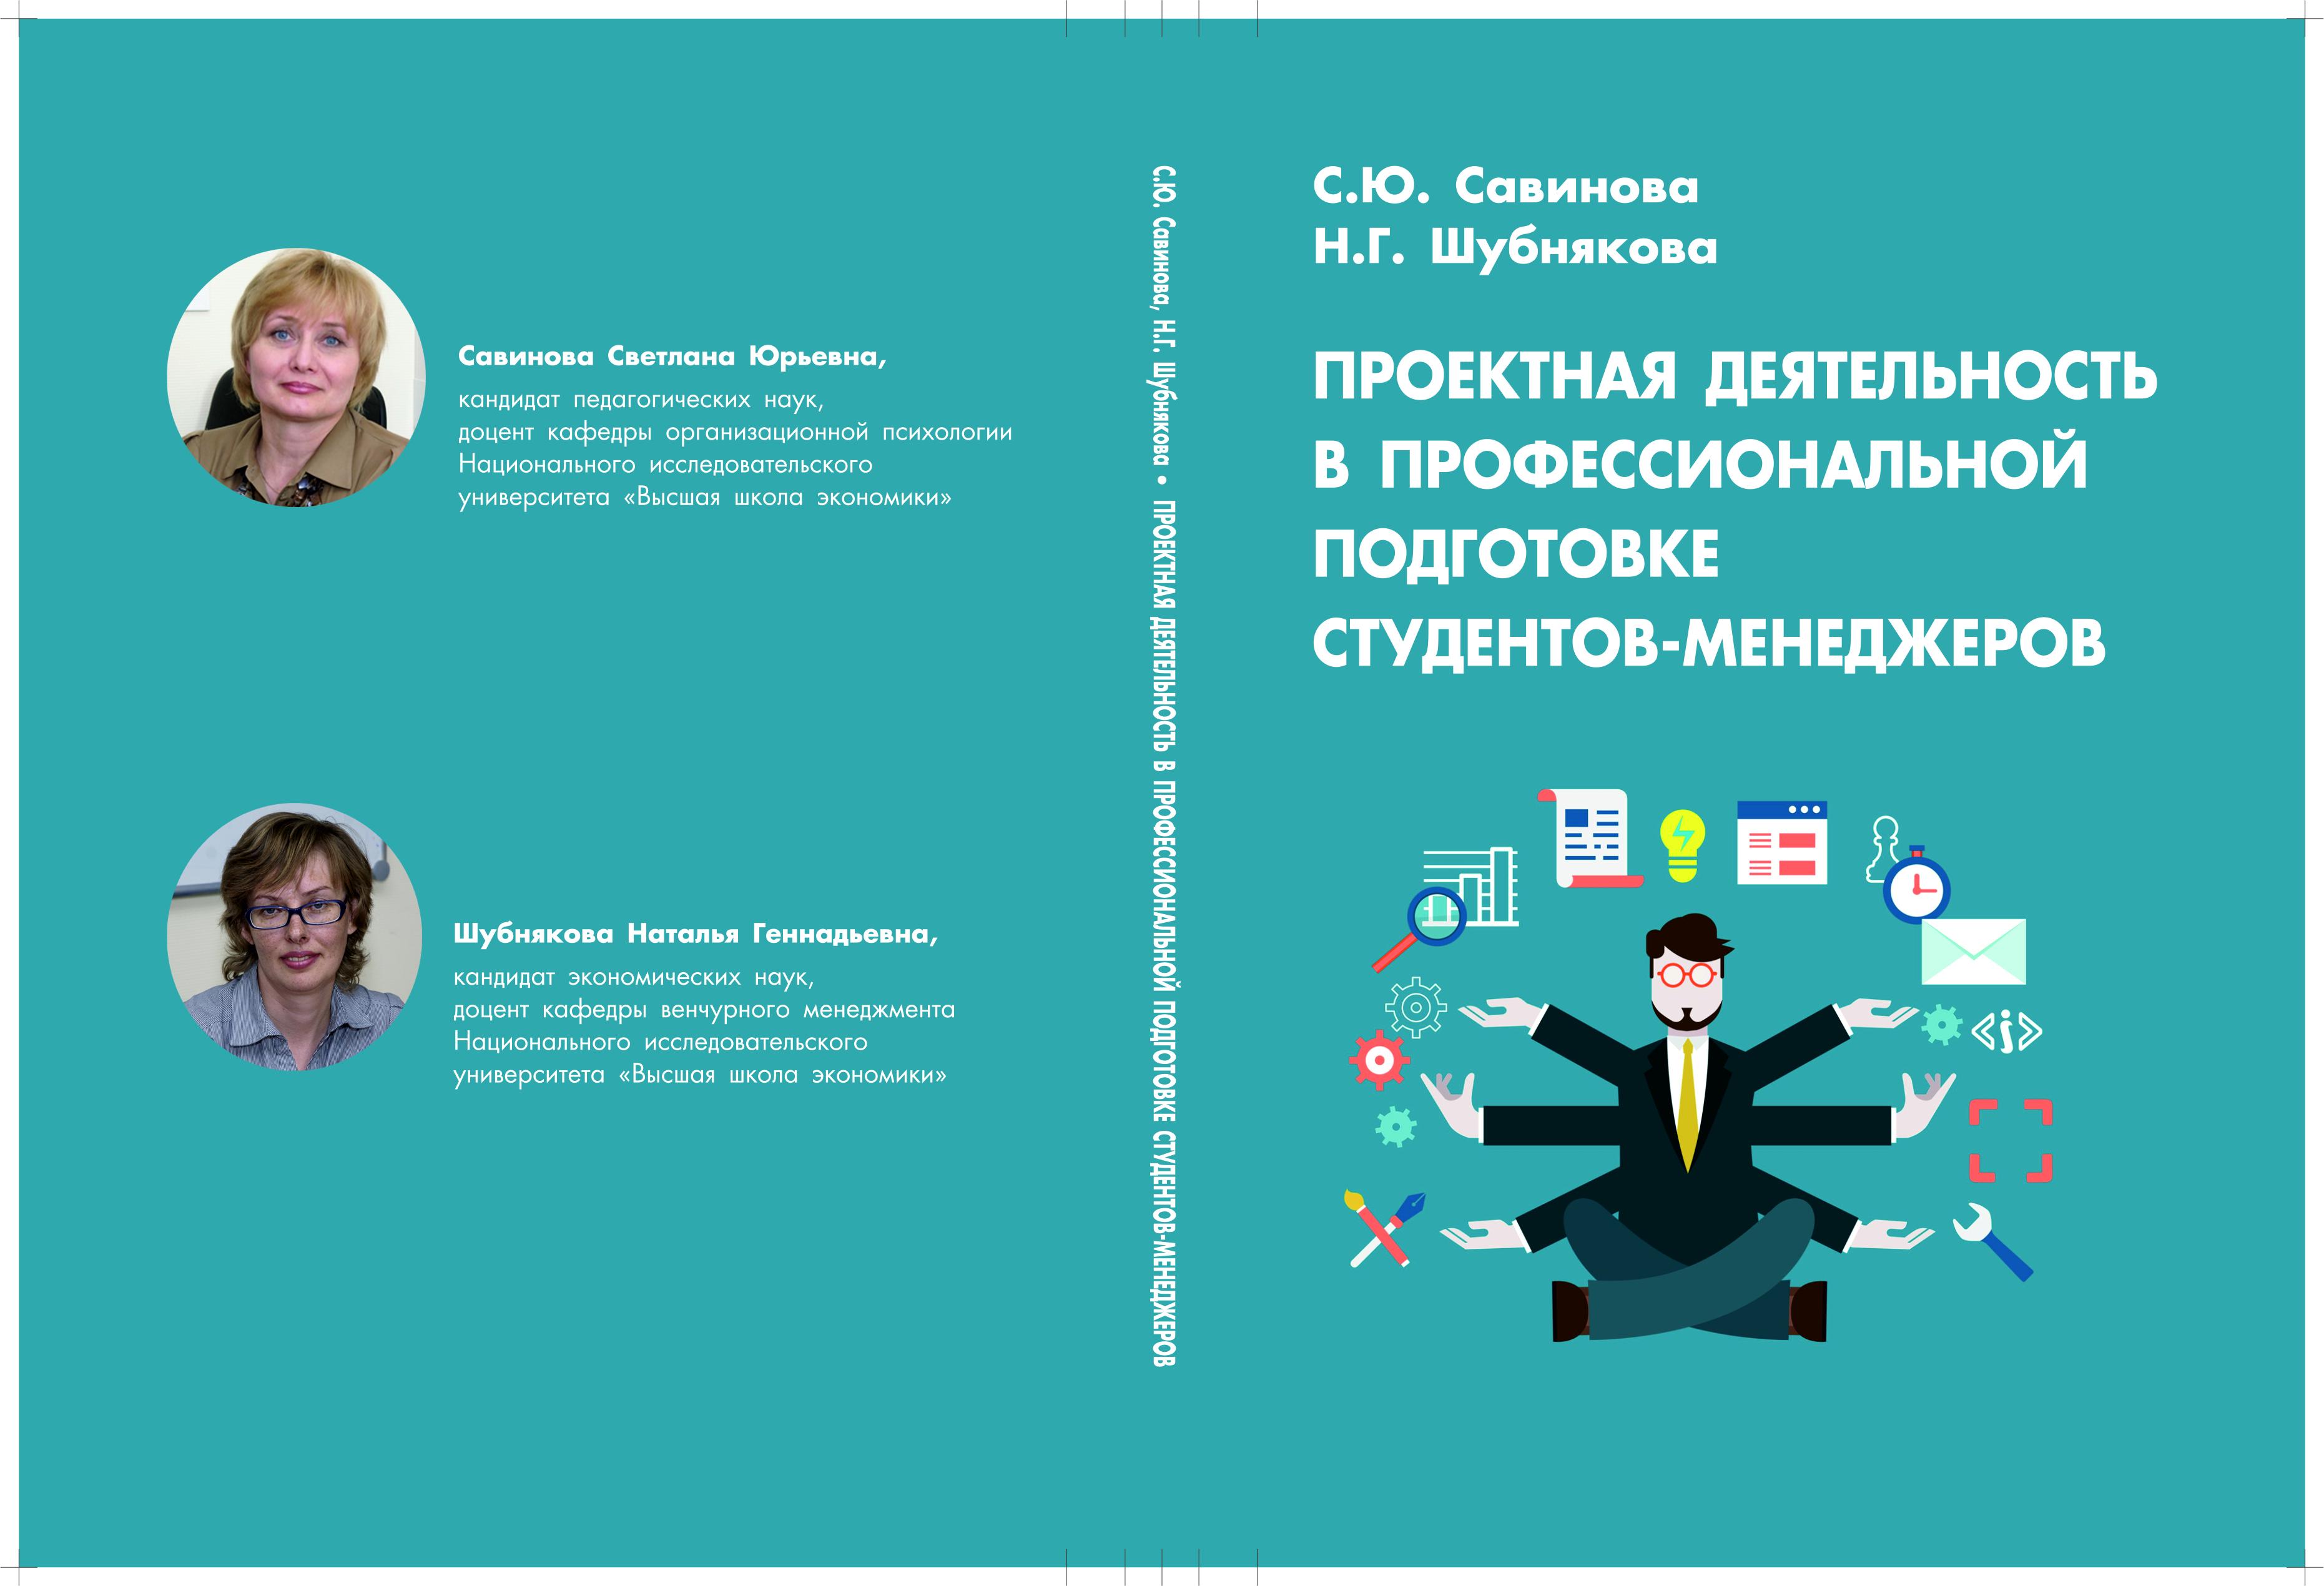 Проектная деятельность в профессиональной подготовке студентов-менеджеров